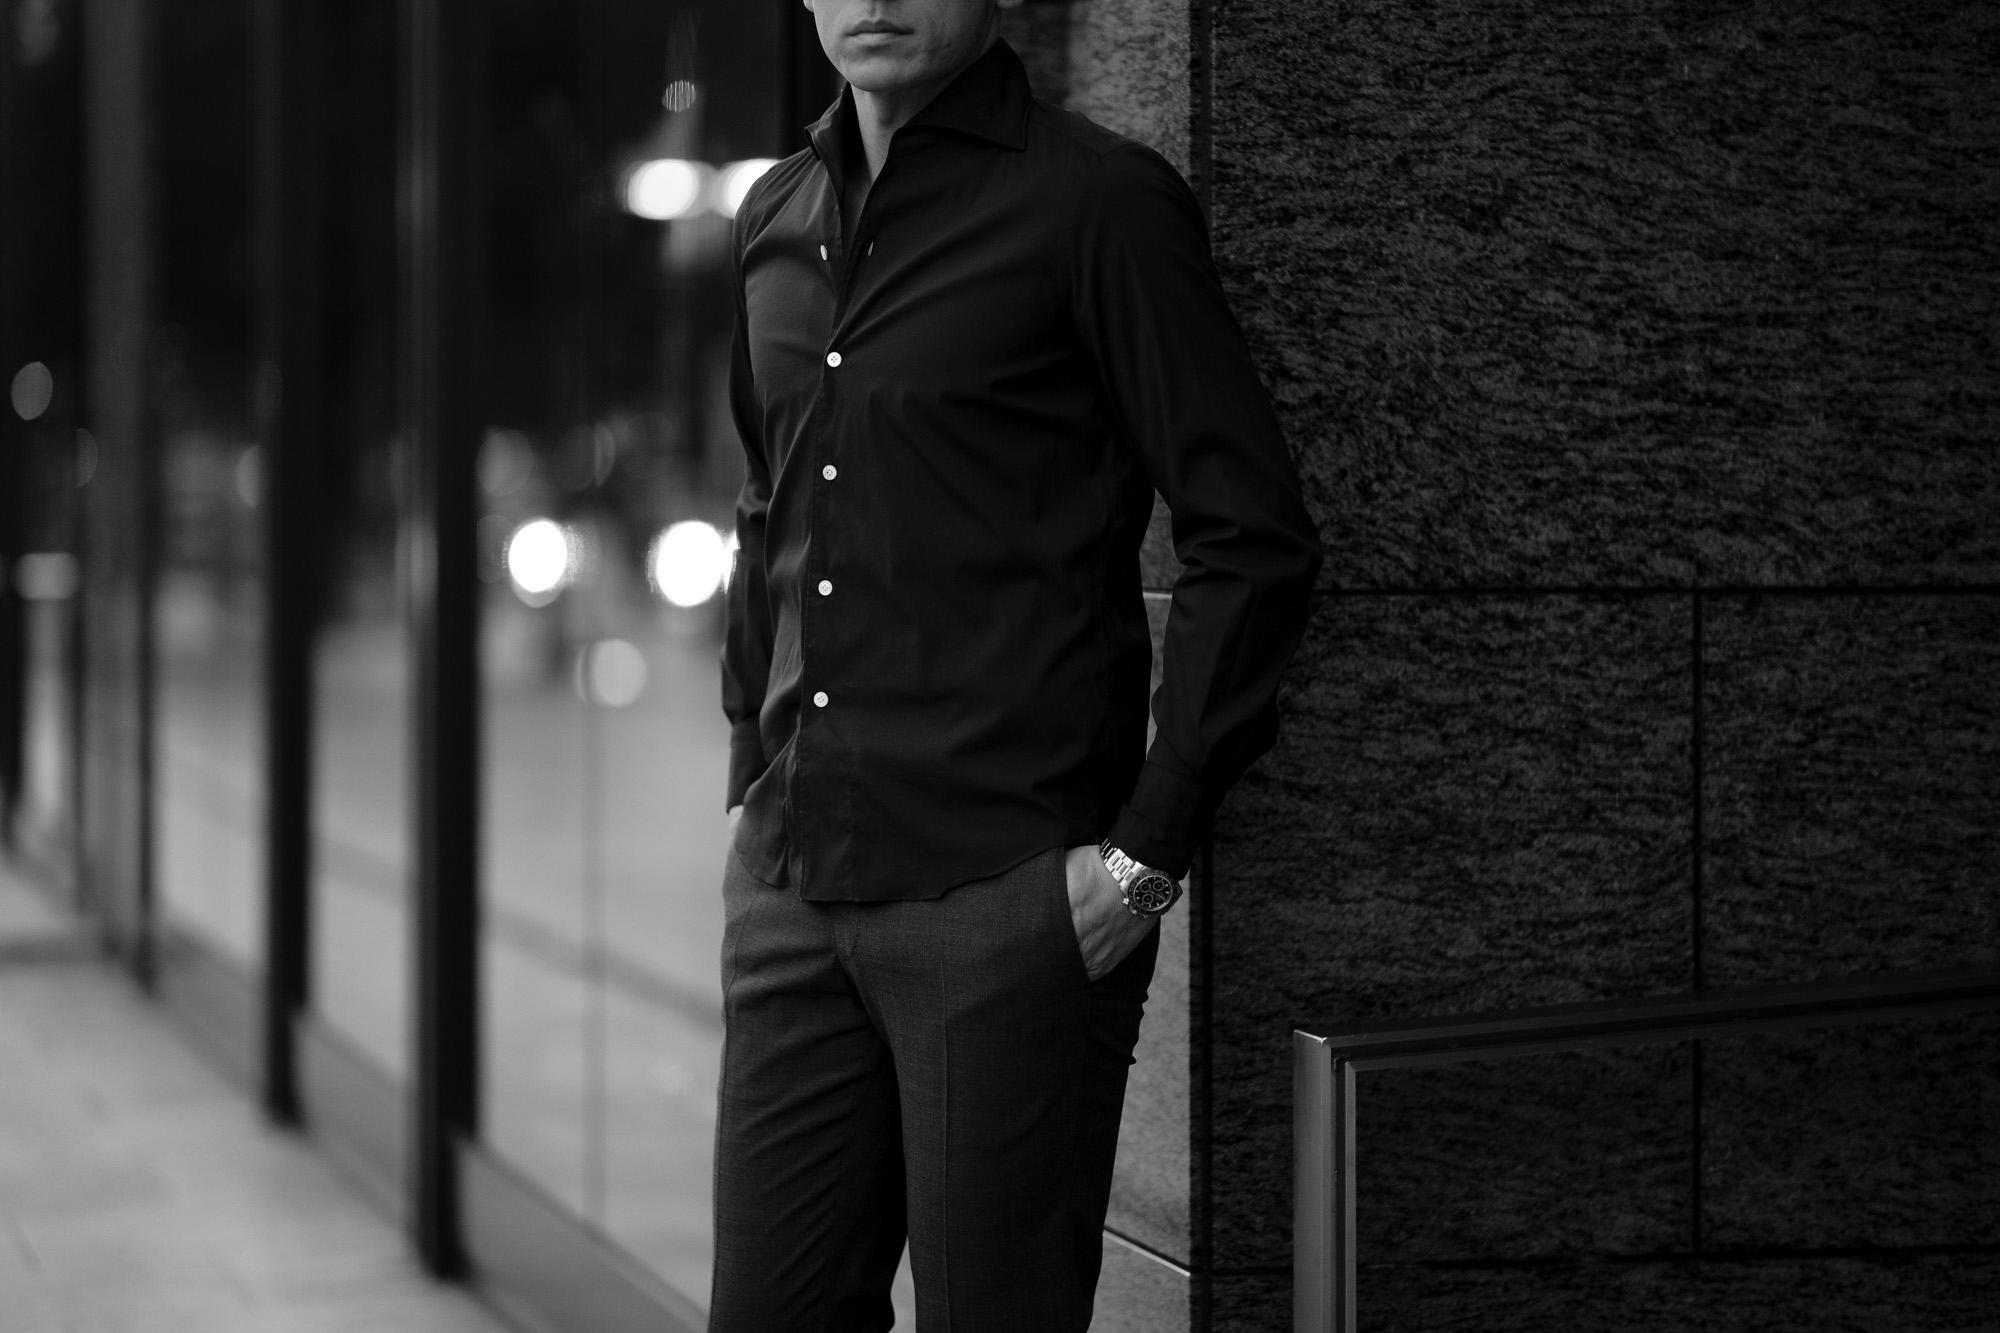 Finamore (フィナモレ) SEUL ITALIAN COLOR SILK SHIRTS シルク ワンピースカラー シャツ BLACK (ブラック・7) made in italy (イタリア製) 2020 秋冬 【ご予約受付中】愛知 名古屋 altoediritto アルトエデリット シルクシャツ シャツコーデ イタリアンカラーシャツ